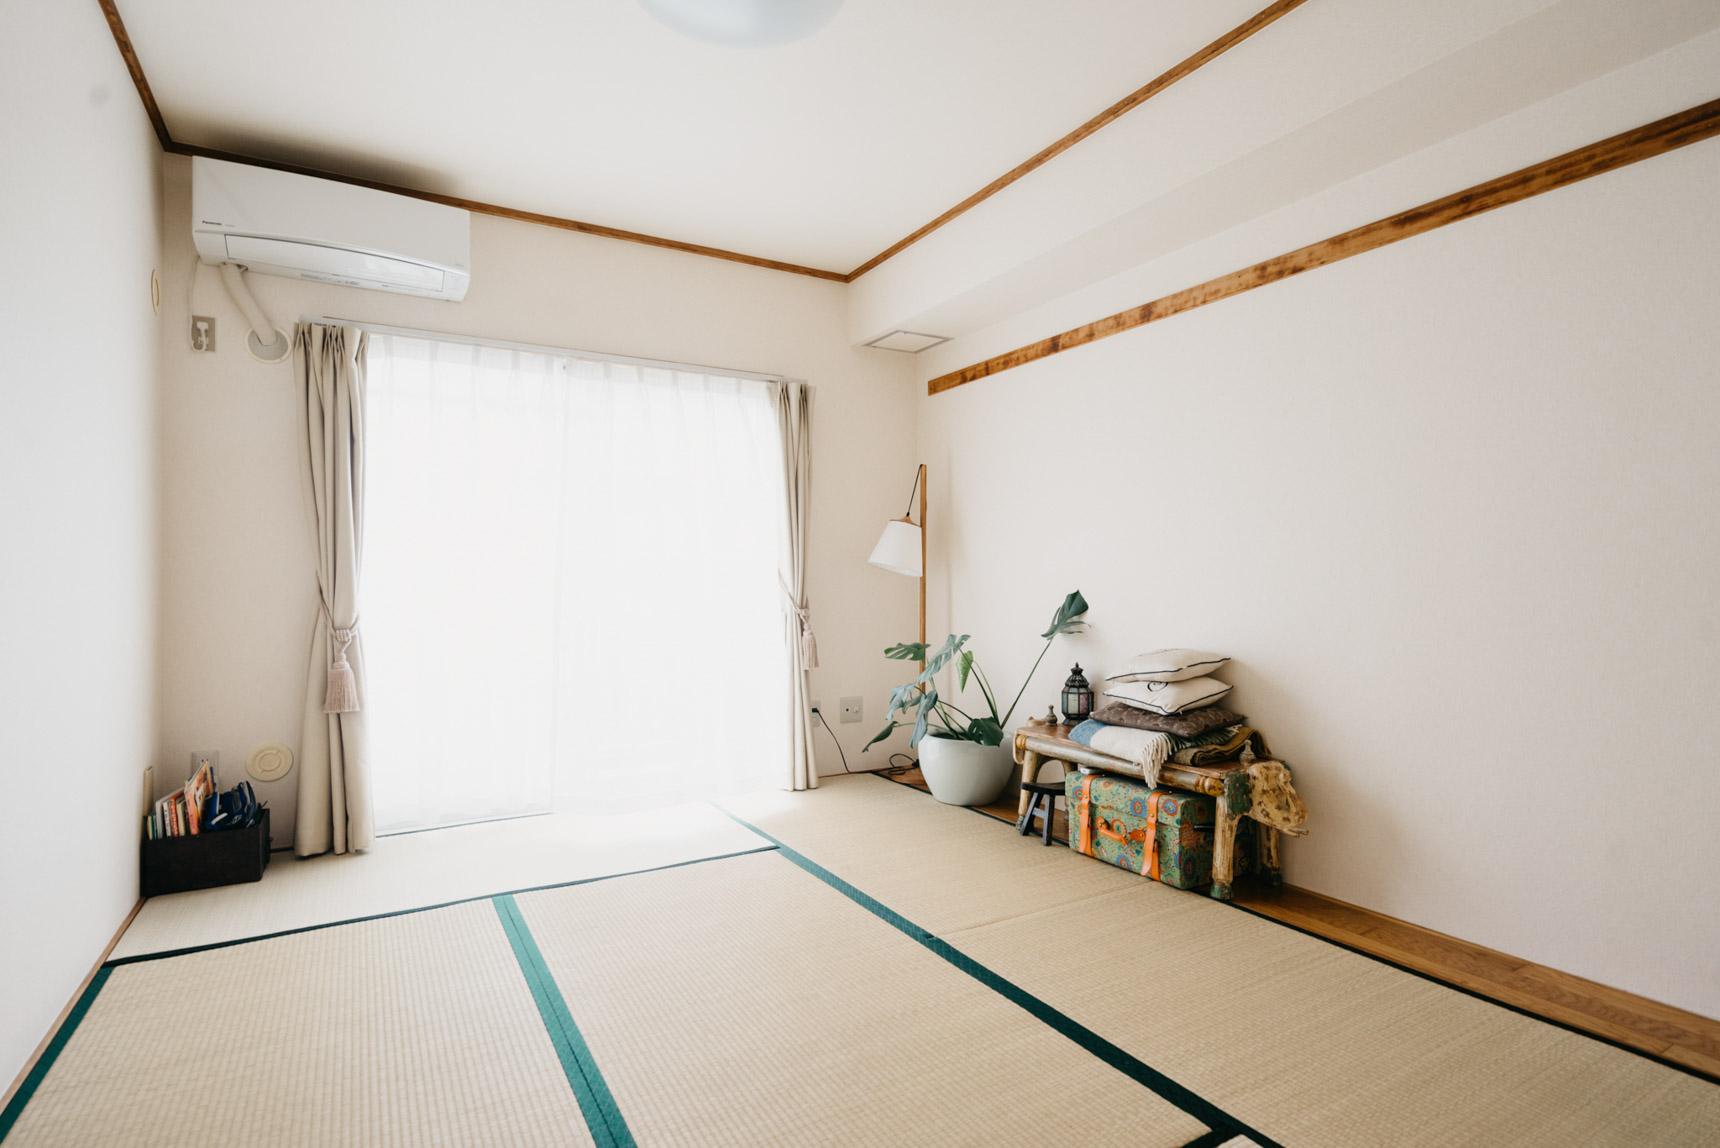 こちらは、反対側にある畳のお部屋。夜は家族4人分の布団を敷いてみんなで寝ます。子どもたちは日本的な暮らし方ができることに大喜びだったそう。